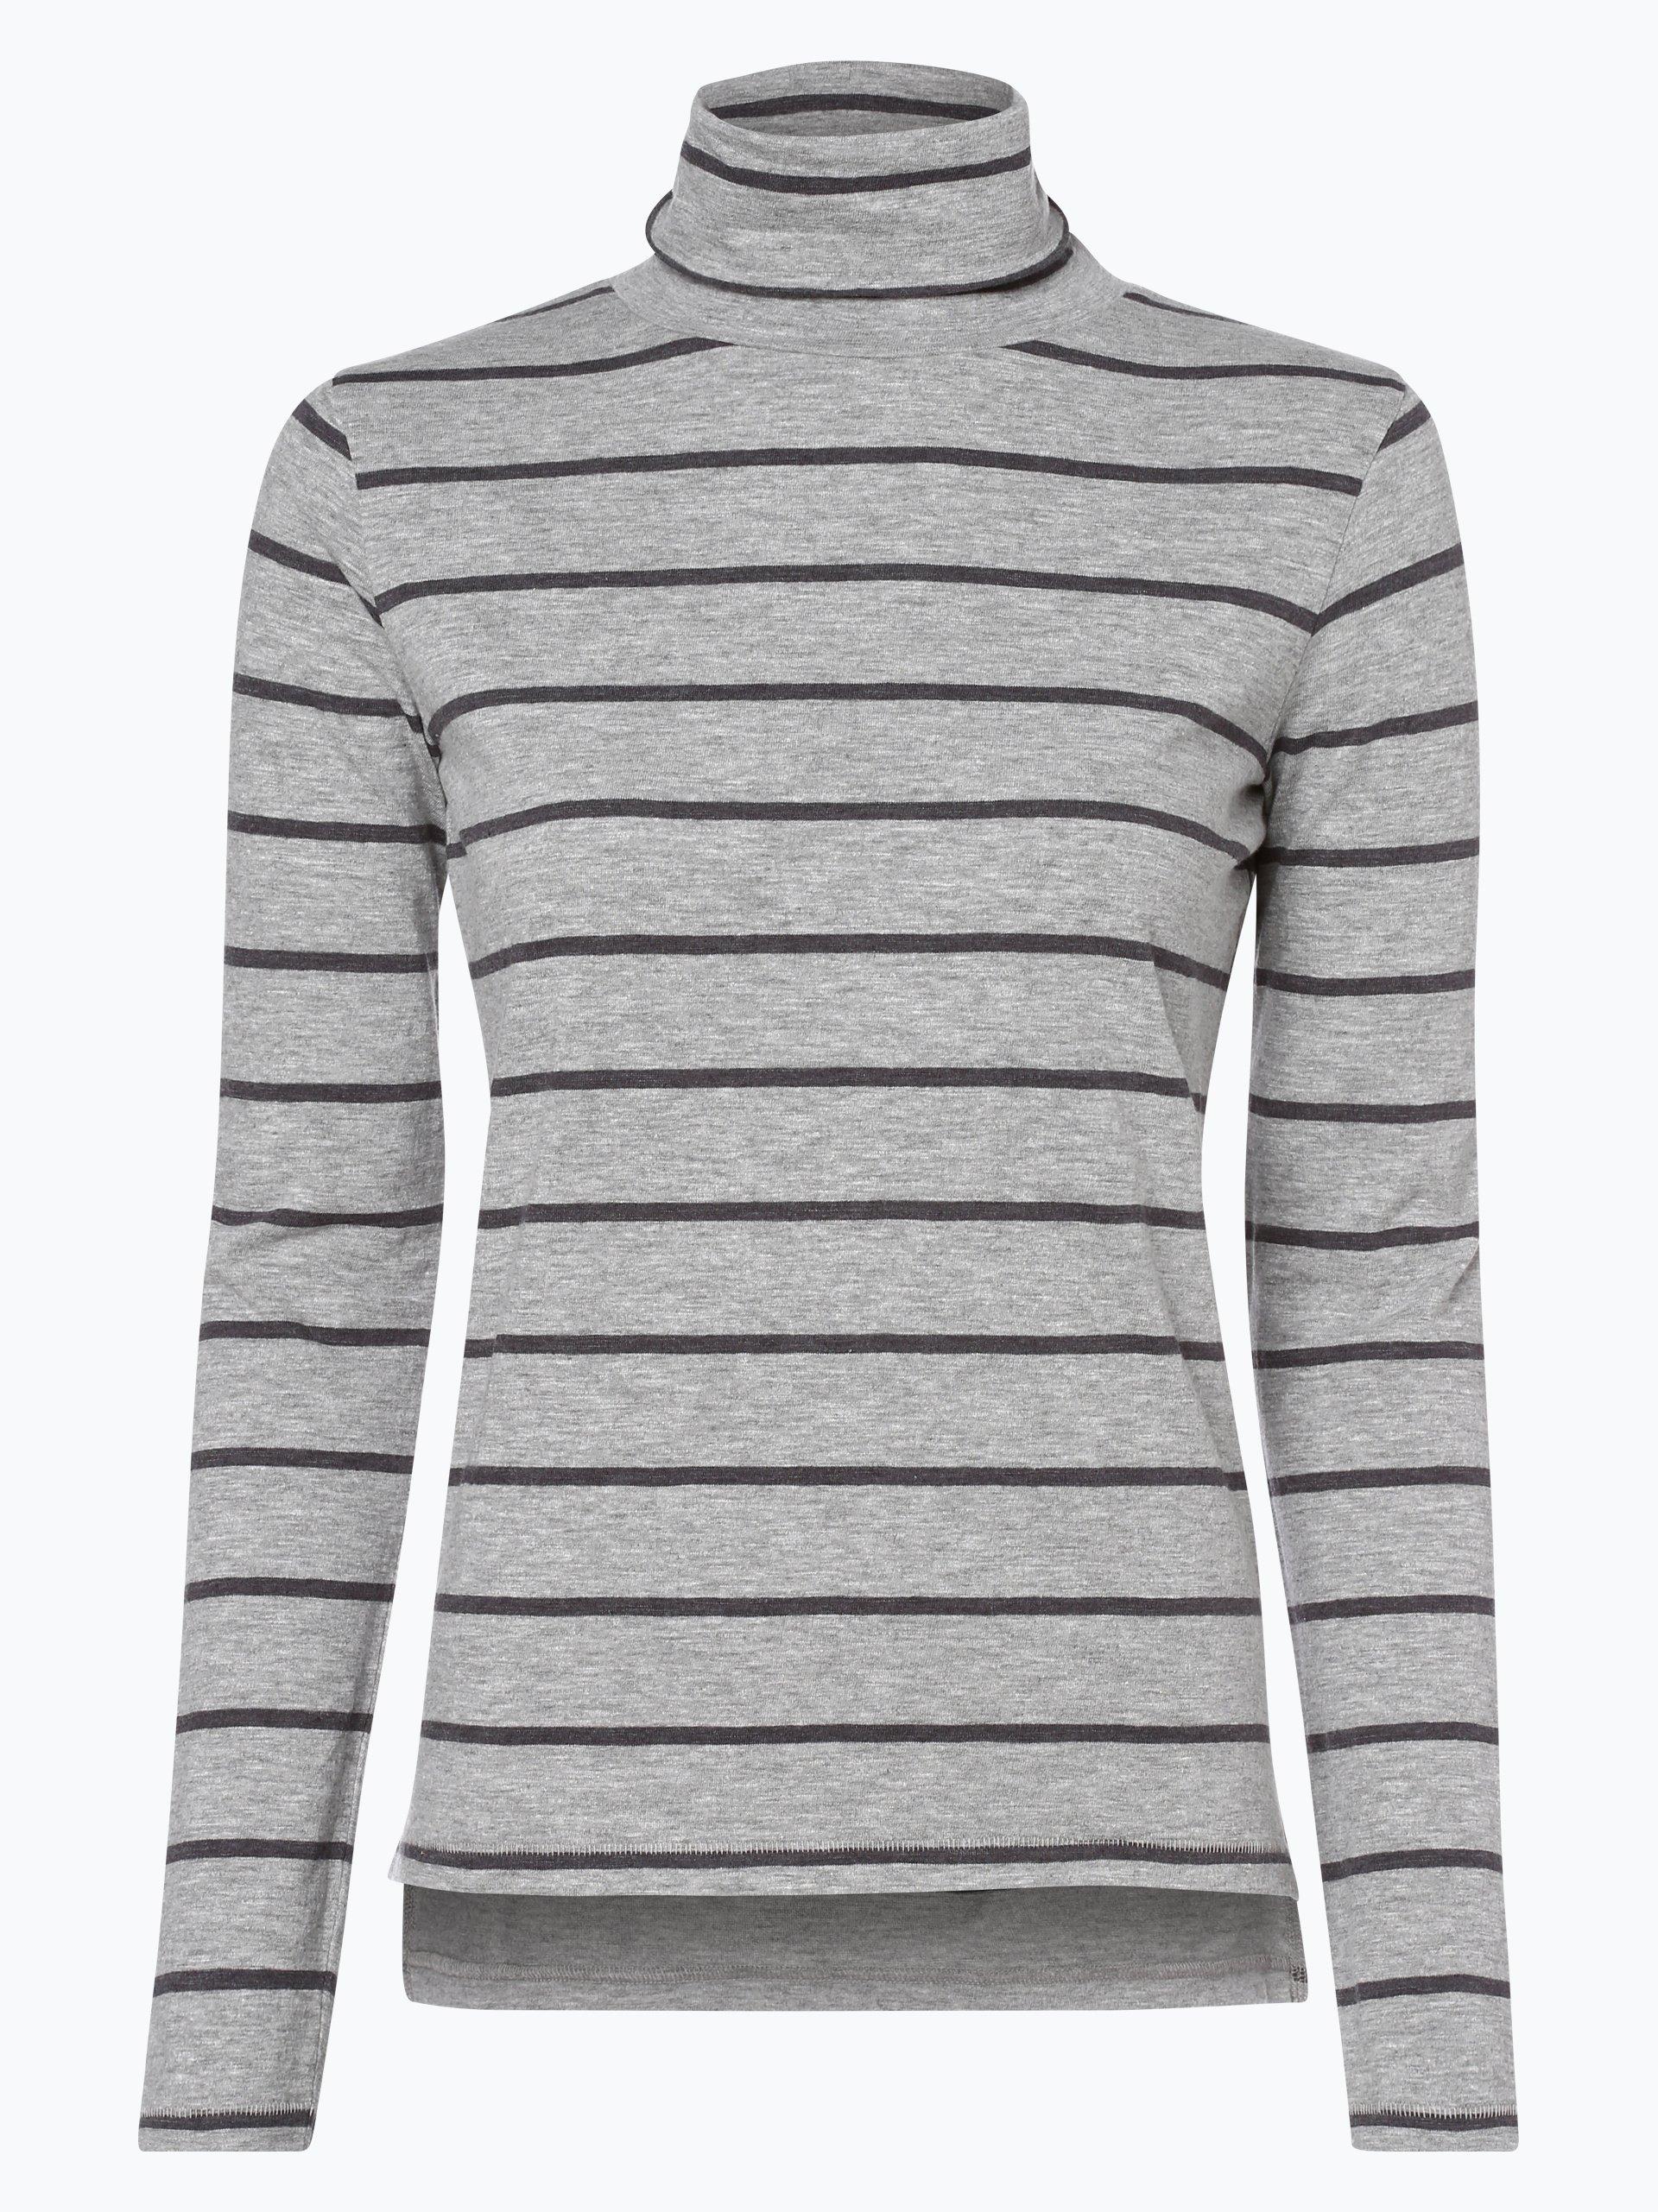 marie lund damen langarmshirt anthrazit grau gestreift online kaufen peek und cloppenburg de. Black Bedroom Furniture Sets. Home Design Ideas